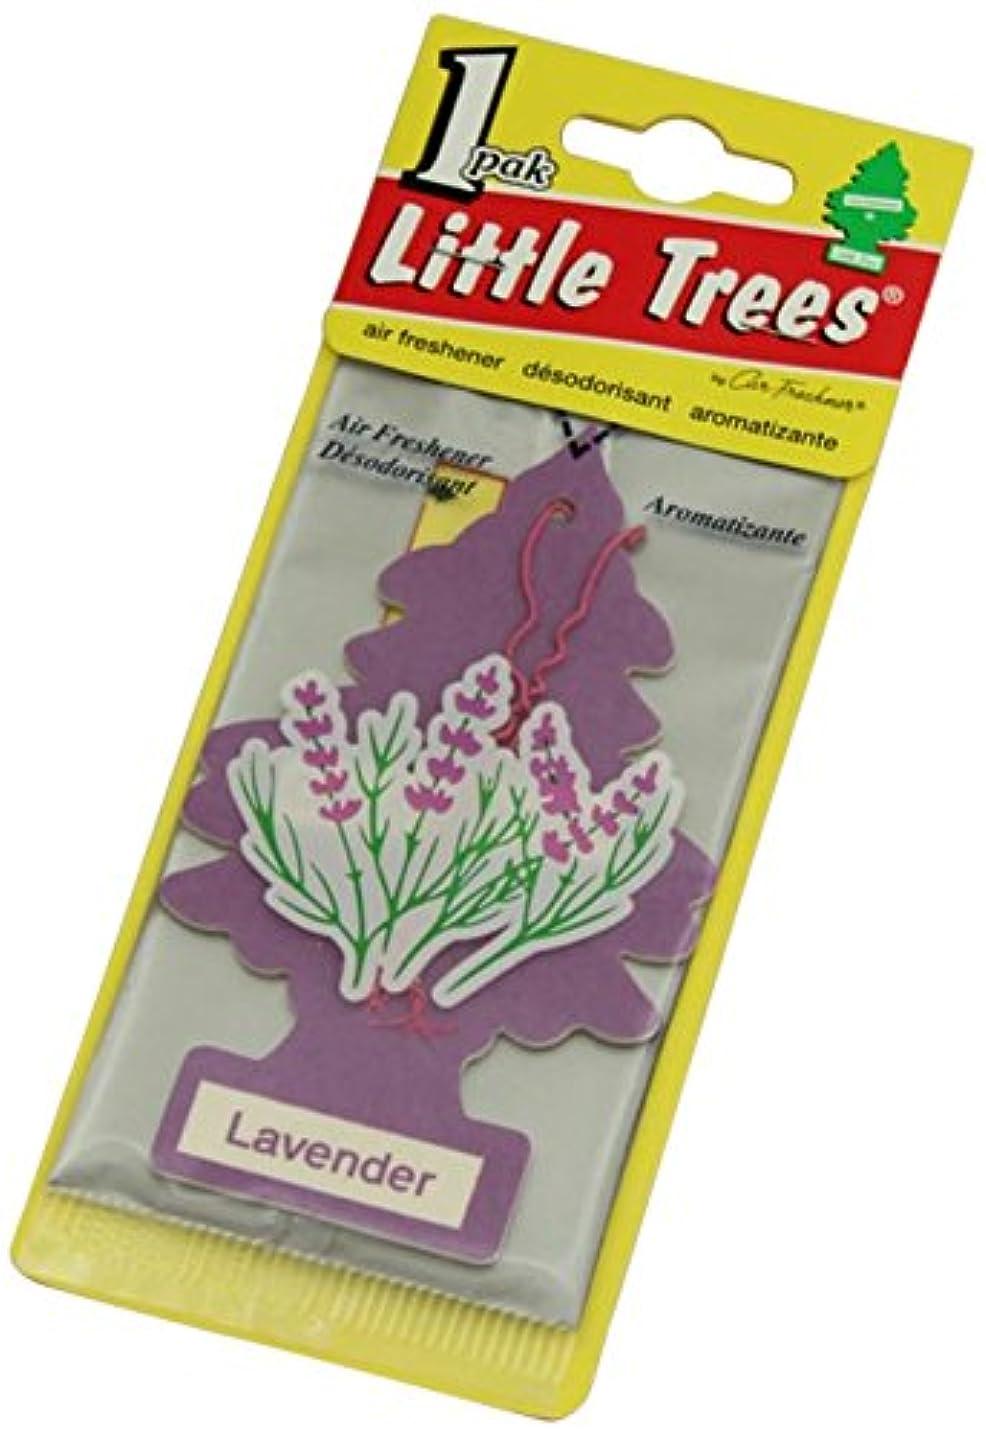 見物人もっともらしい監査Little Trees 吊下げタイプ エアーフレッシュナー ラベンダー 4枚セット(4P)